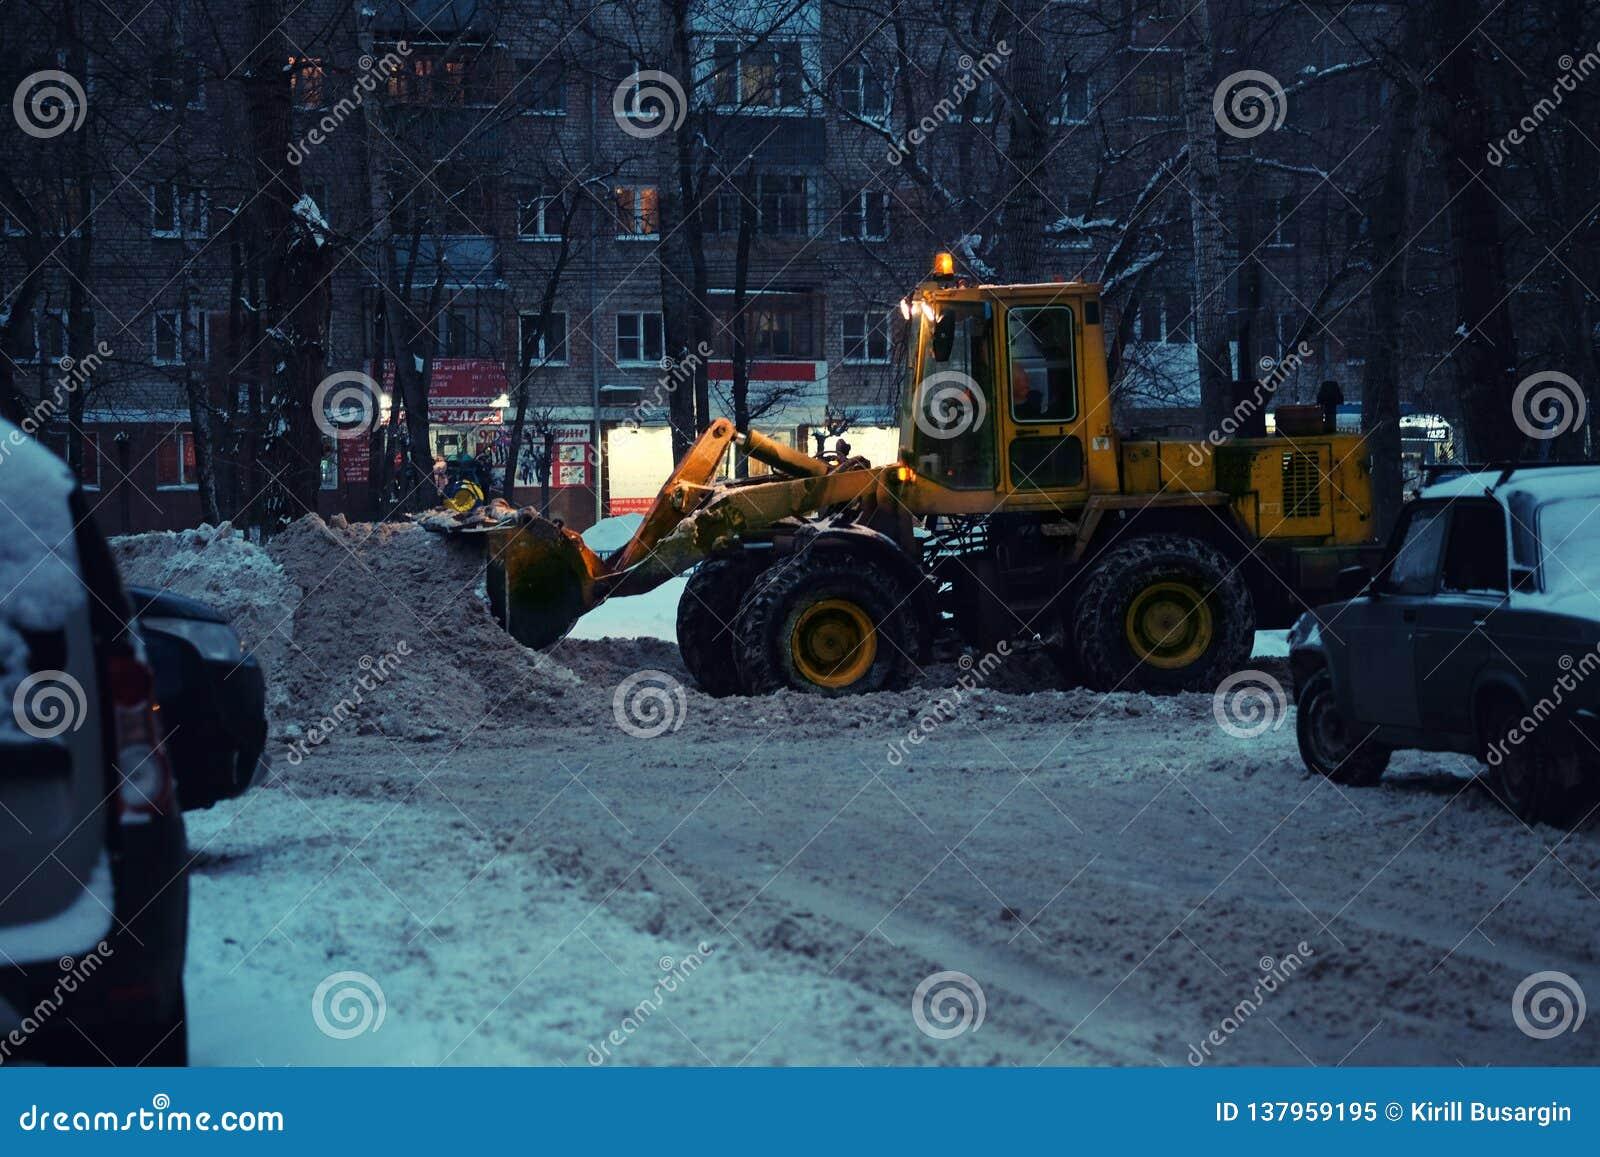 Fond brouillé Tache floue de lumières de ville de nuit Véhicule de déblaiement de neige enlevant la neige